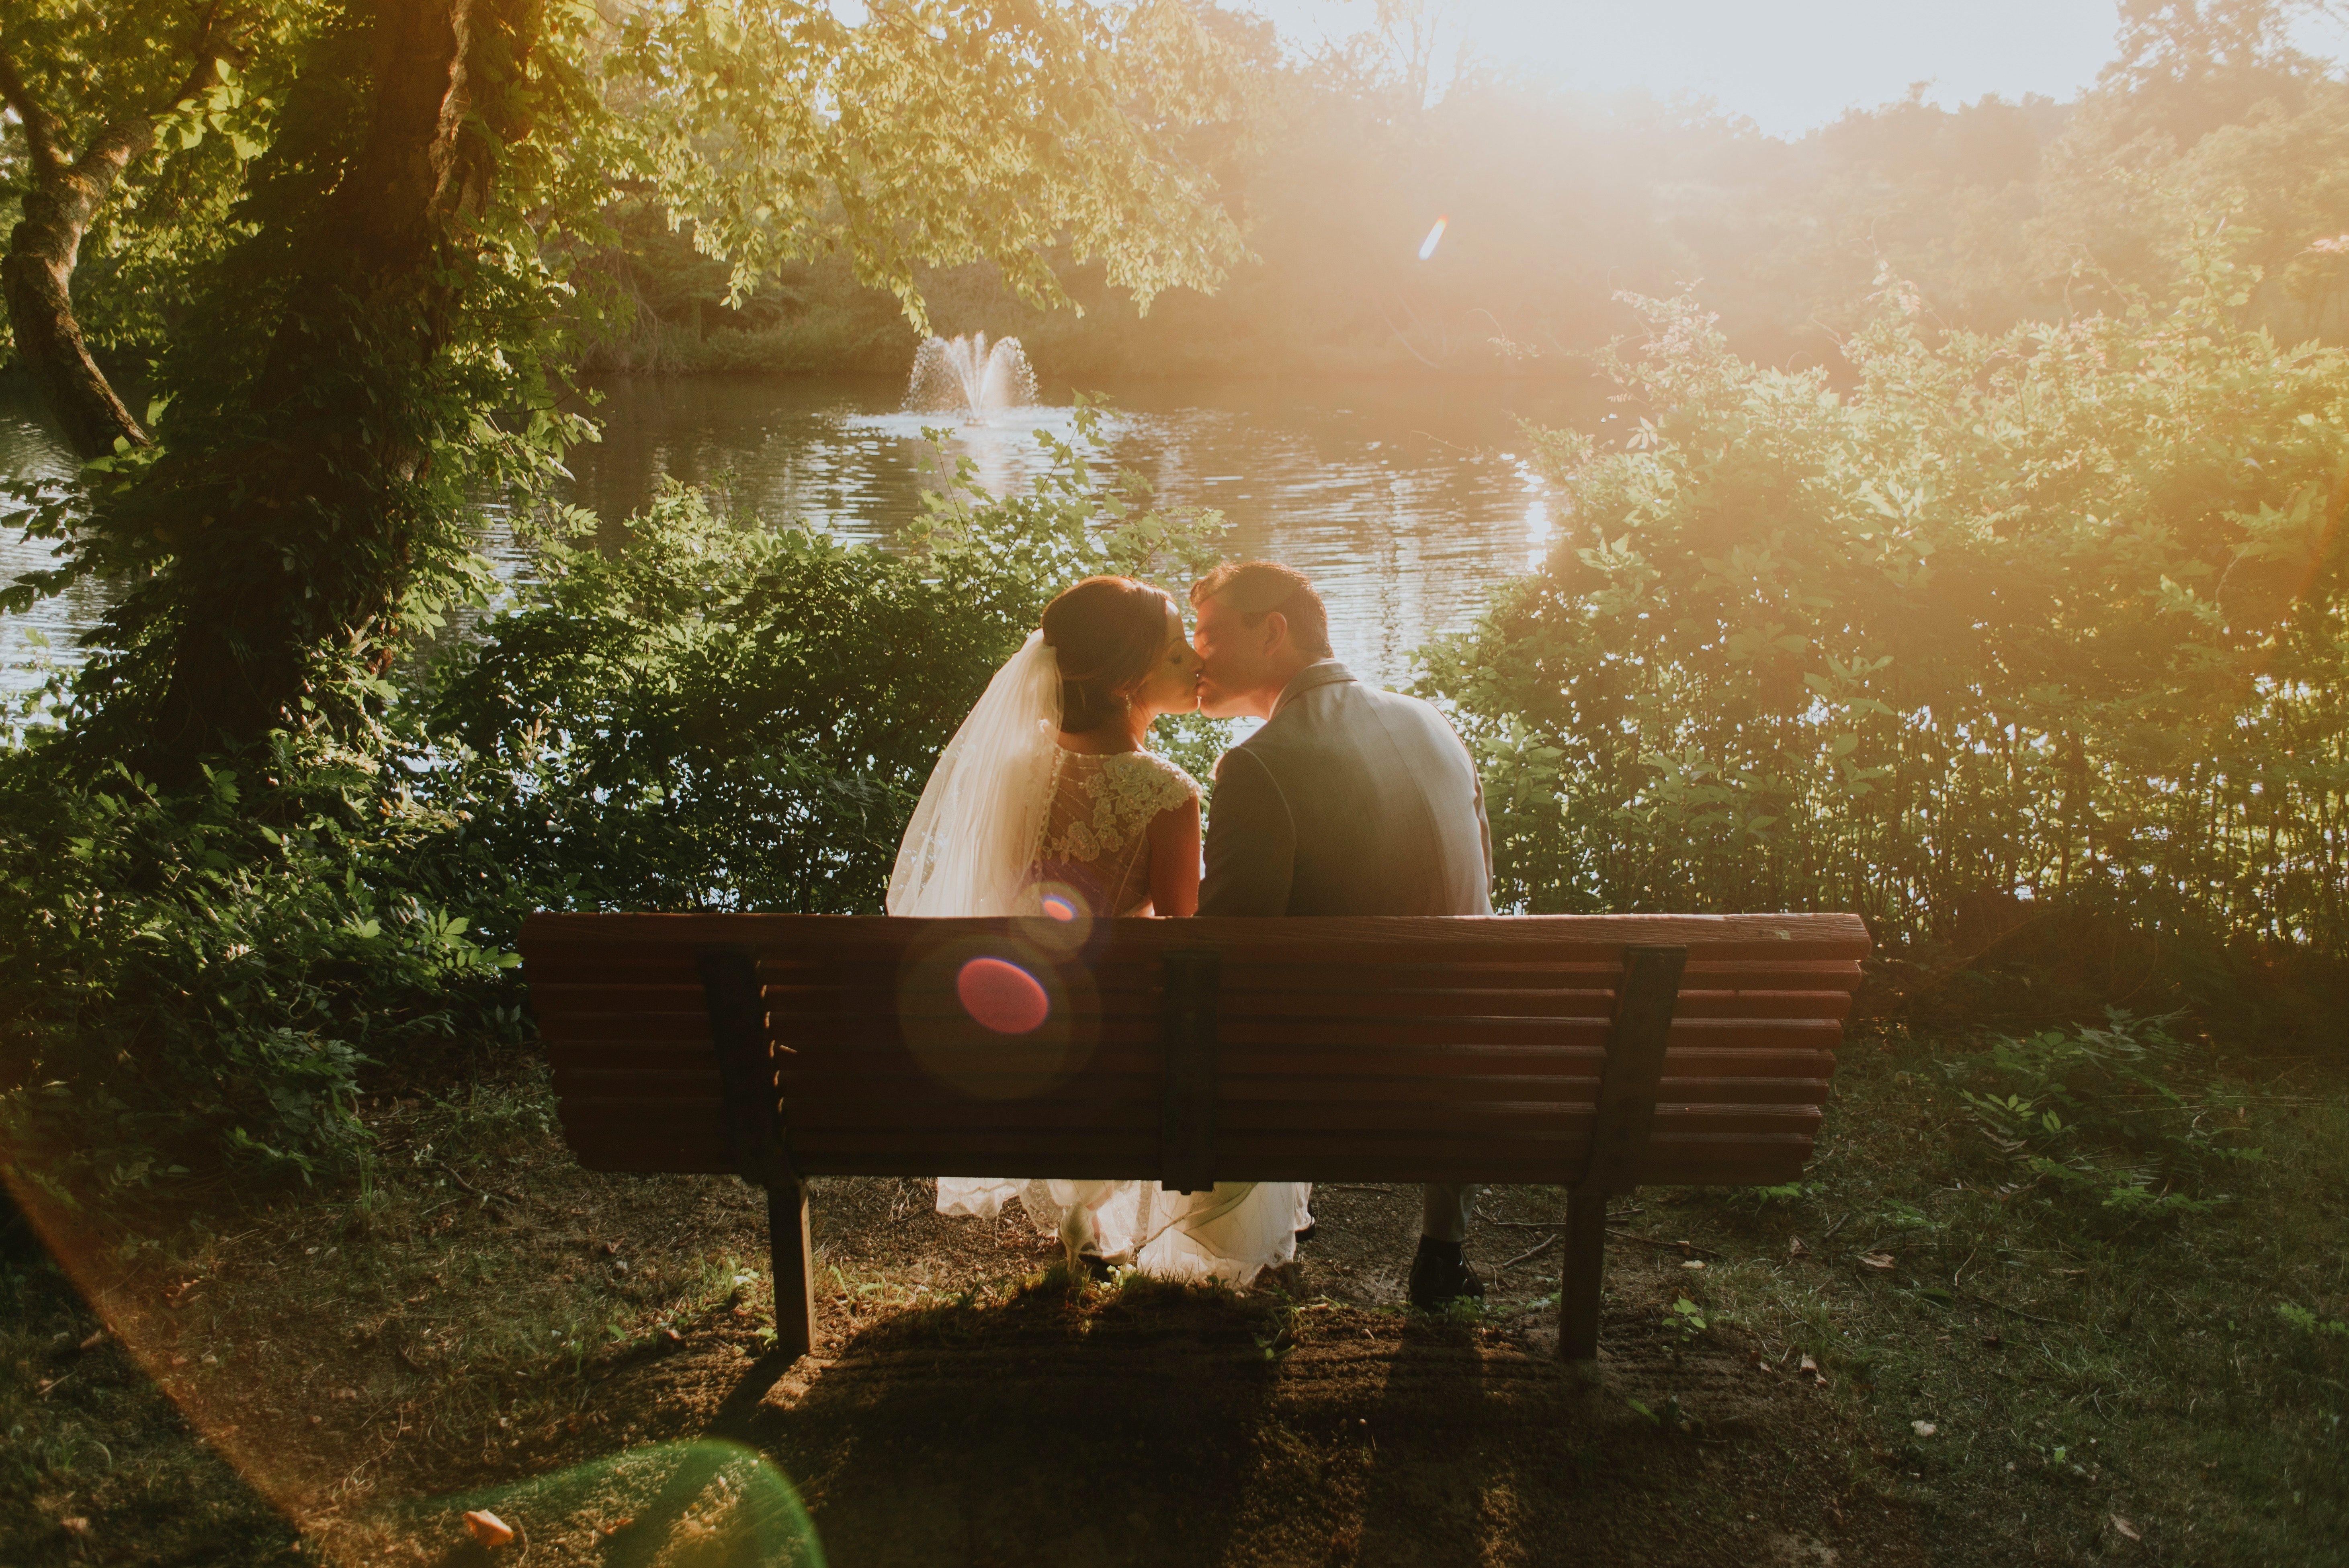 Un couple marié qui s'embrasse sur un banc. l Source: Unsplash